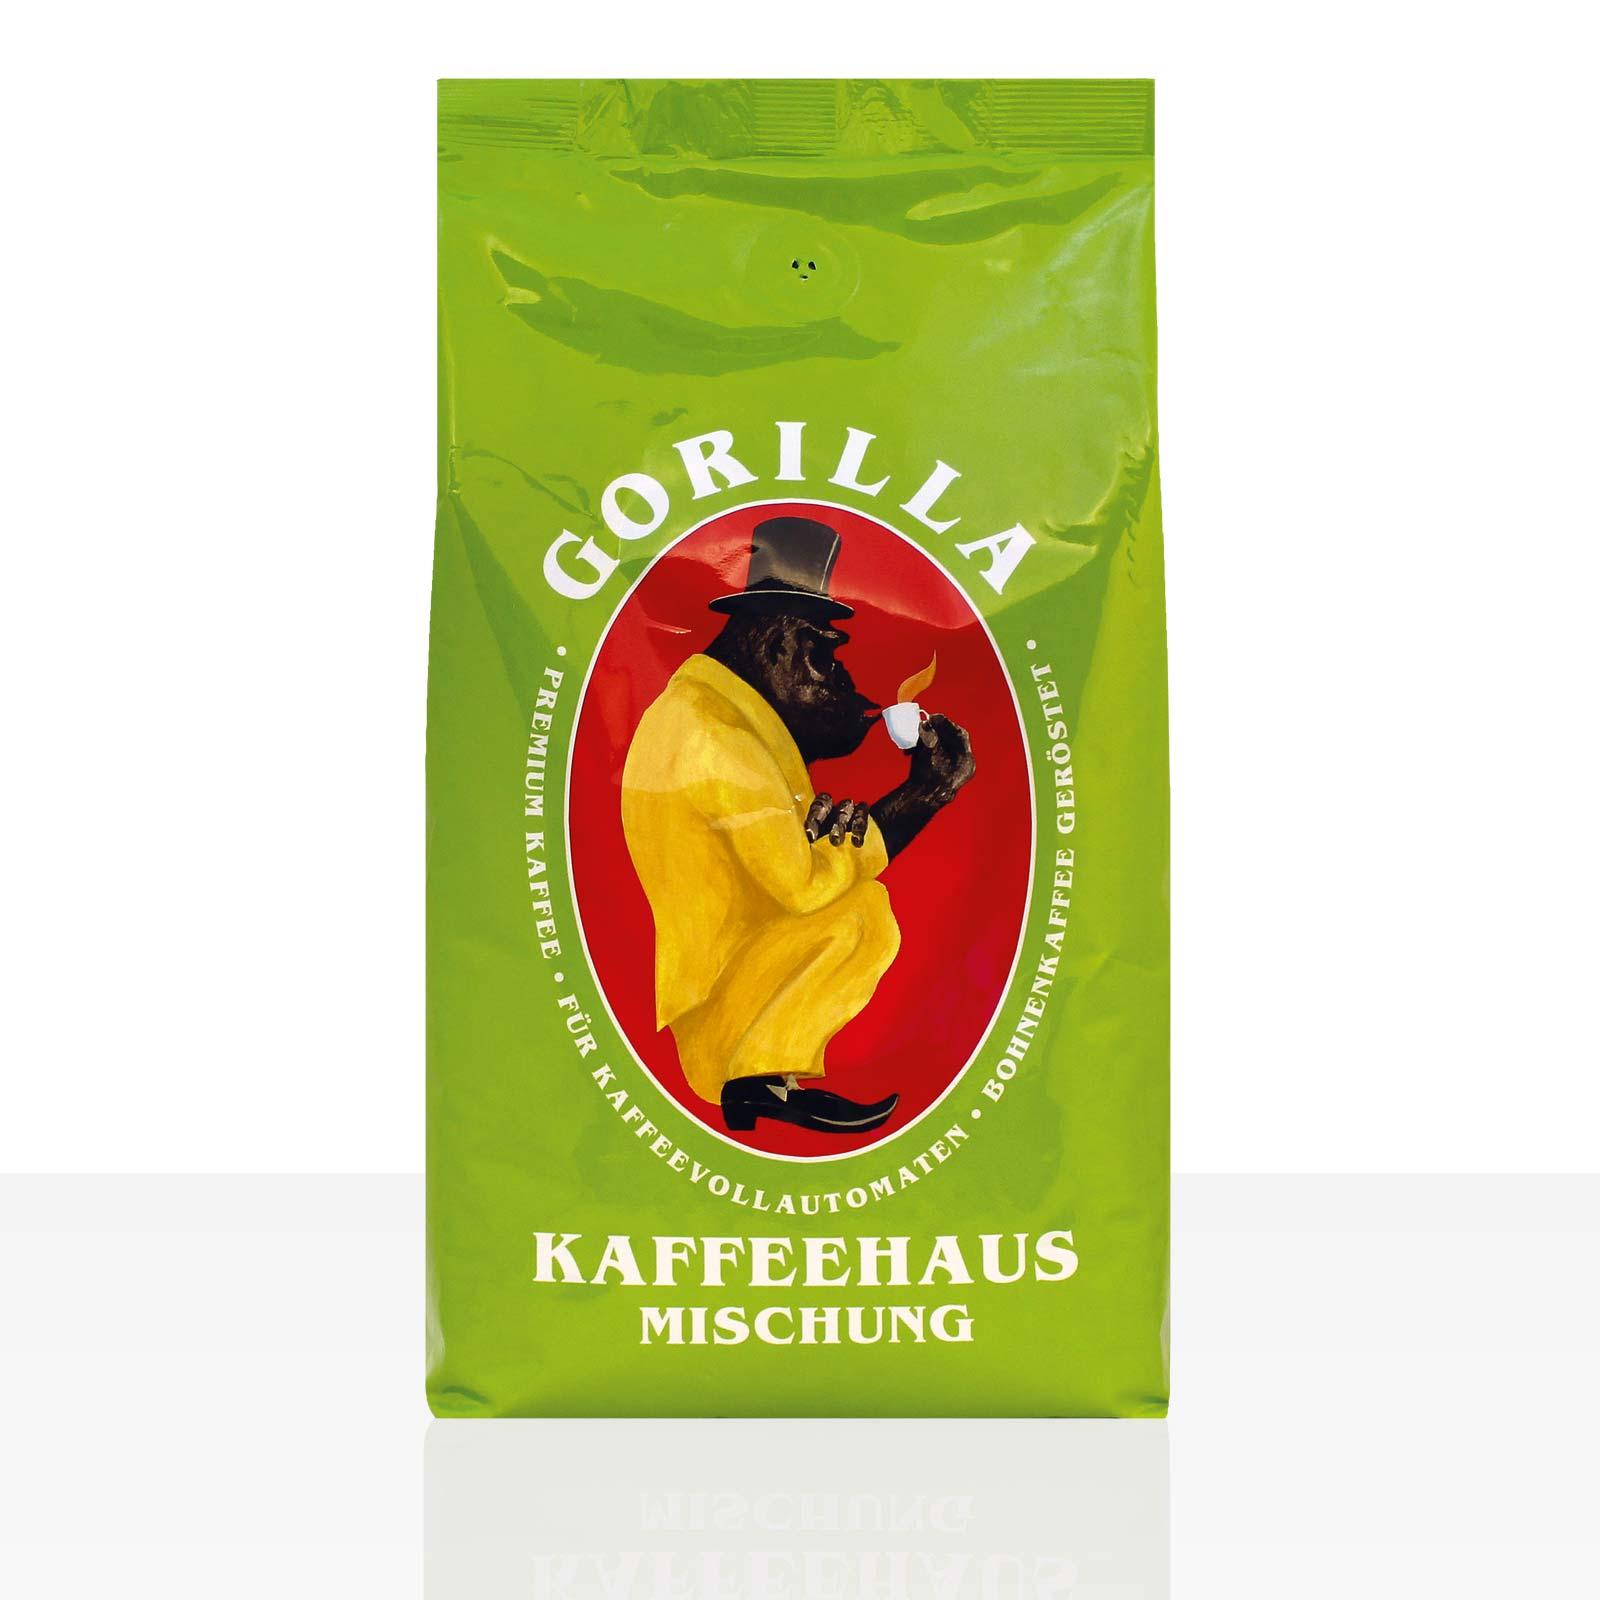 Gorilla Kaffeehaus 1kg Kaffee ganze Bohne